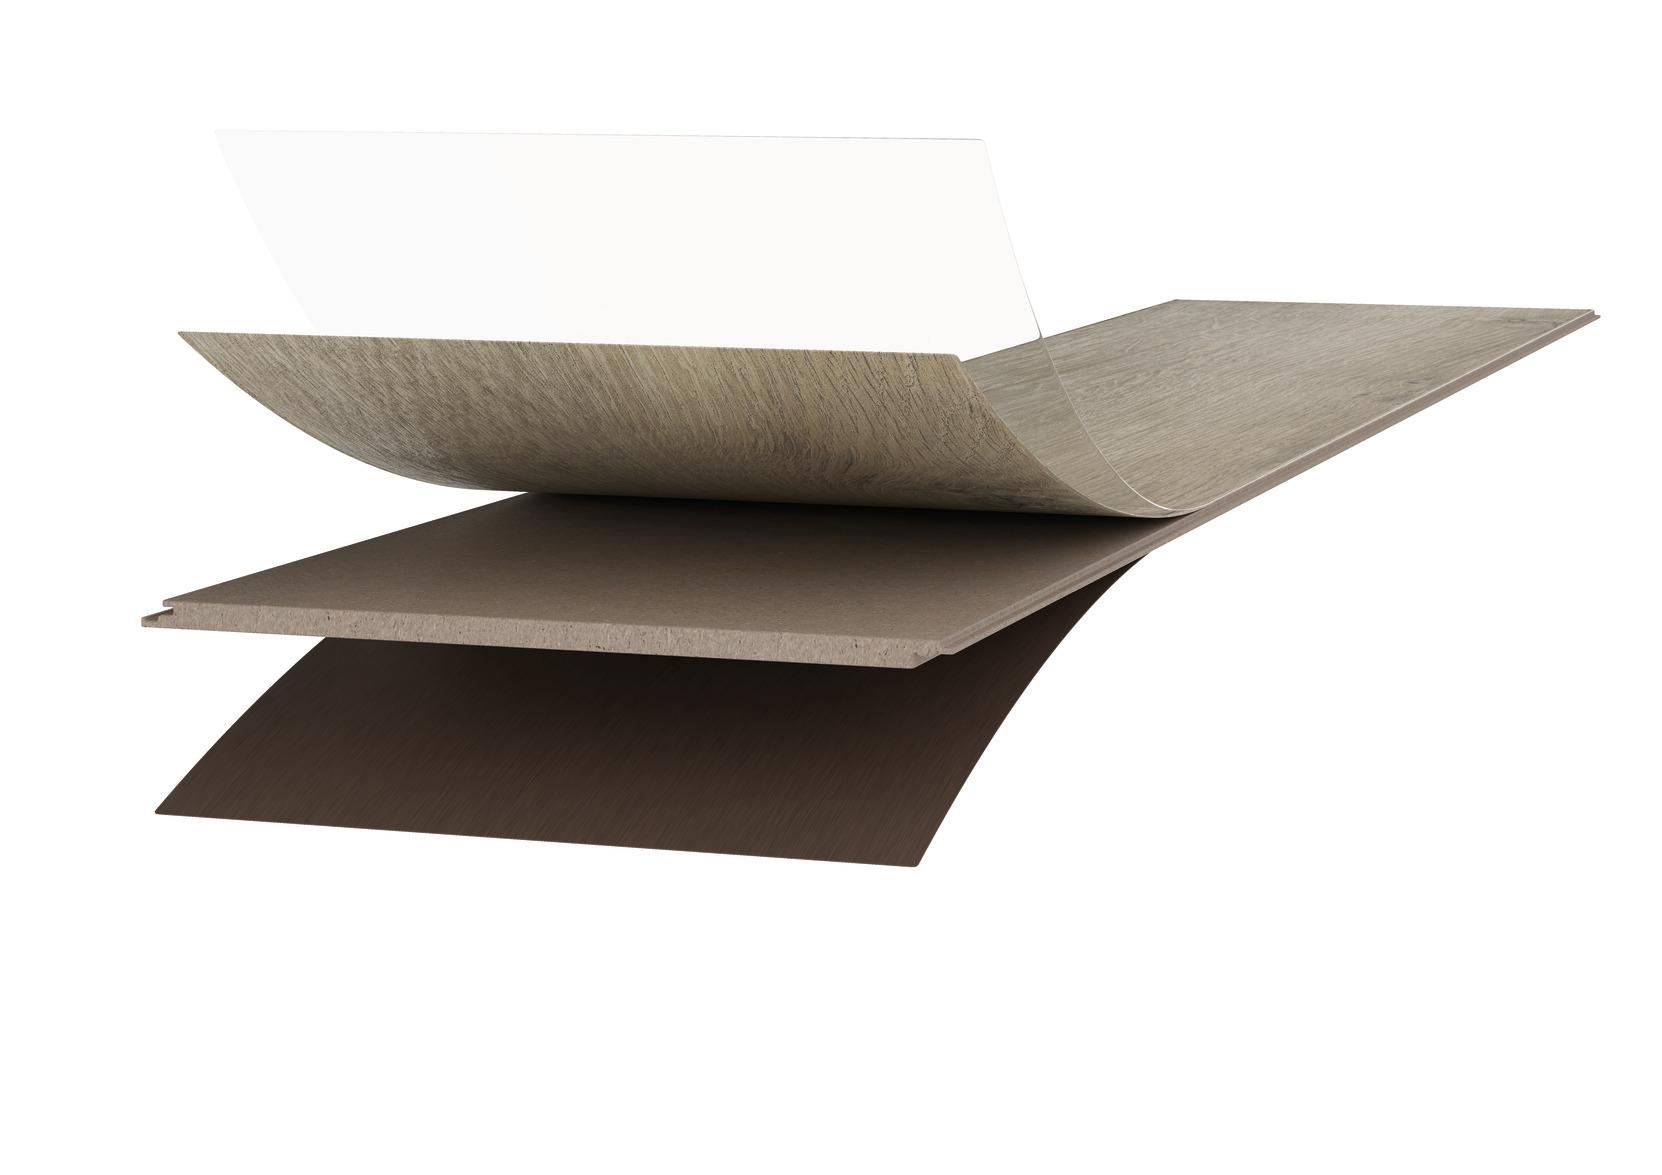 a. Diamond Pro oppervlak  b. Antistatische decorpapier  c. HDF-tussenlaag  d. AquaStop-impregnering e. Tegenfineer voor vormstabiliteit